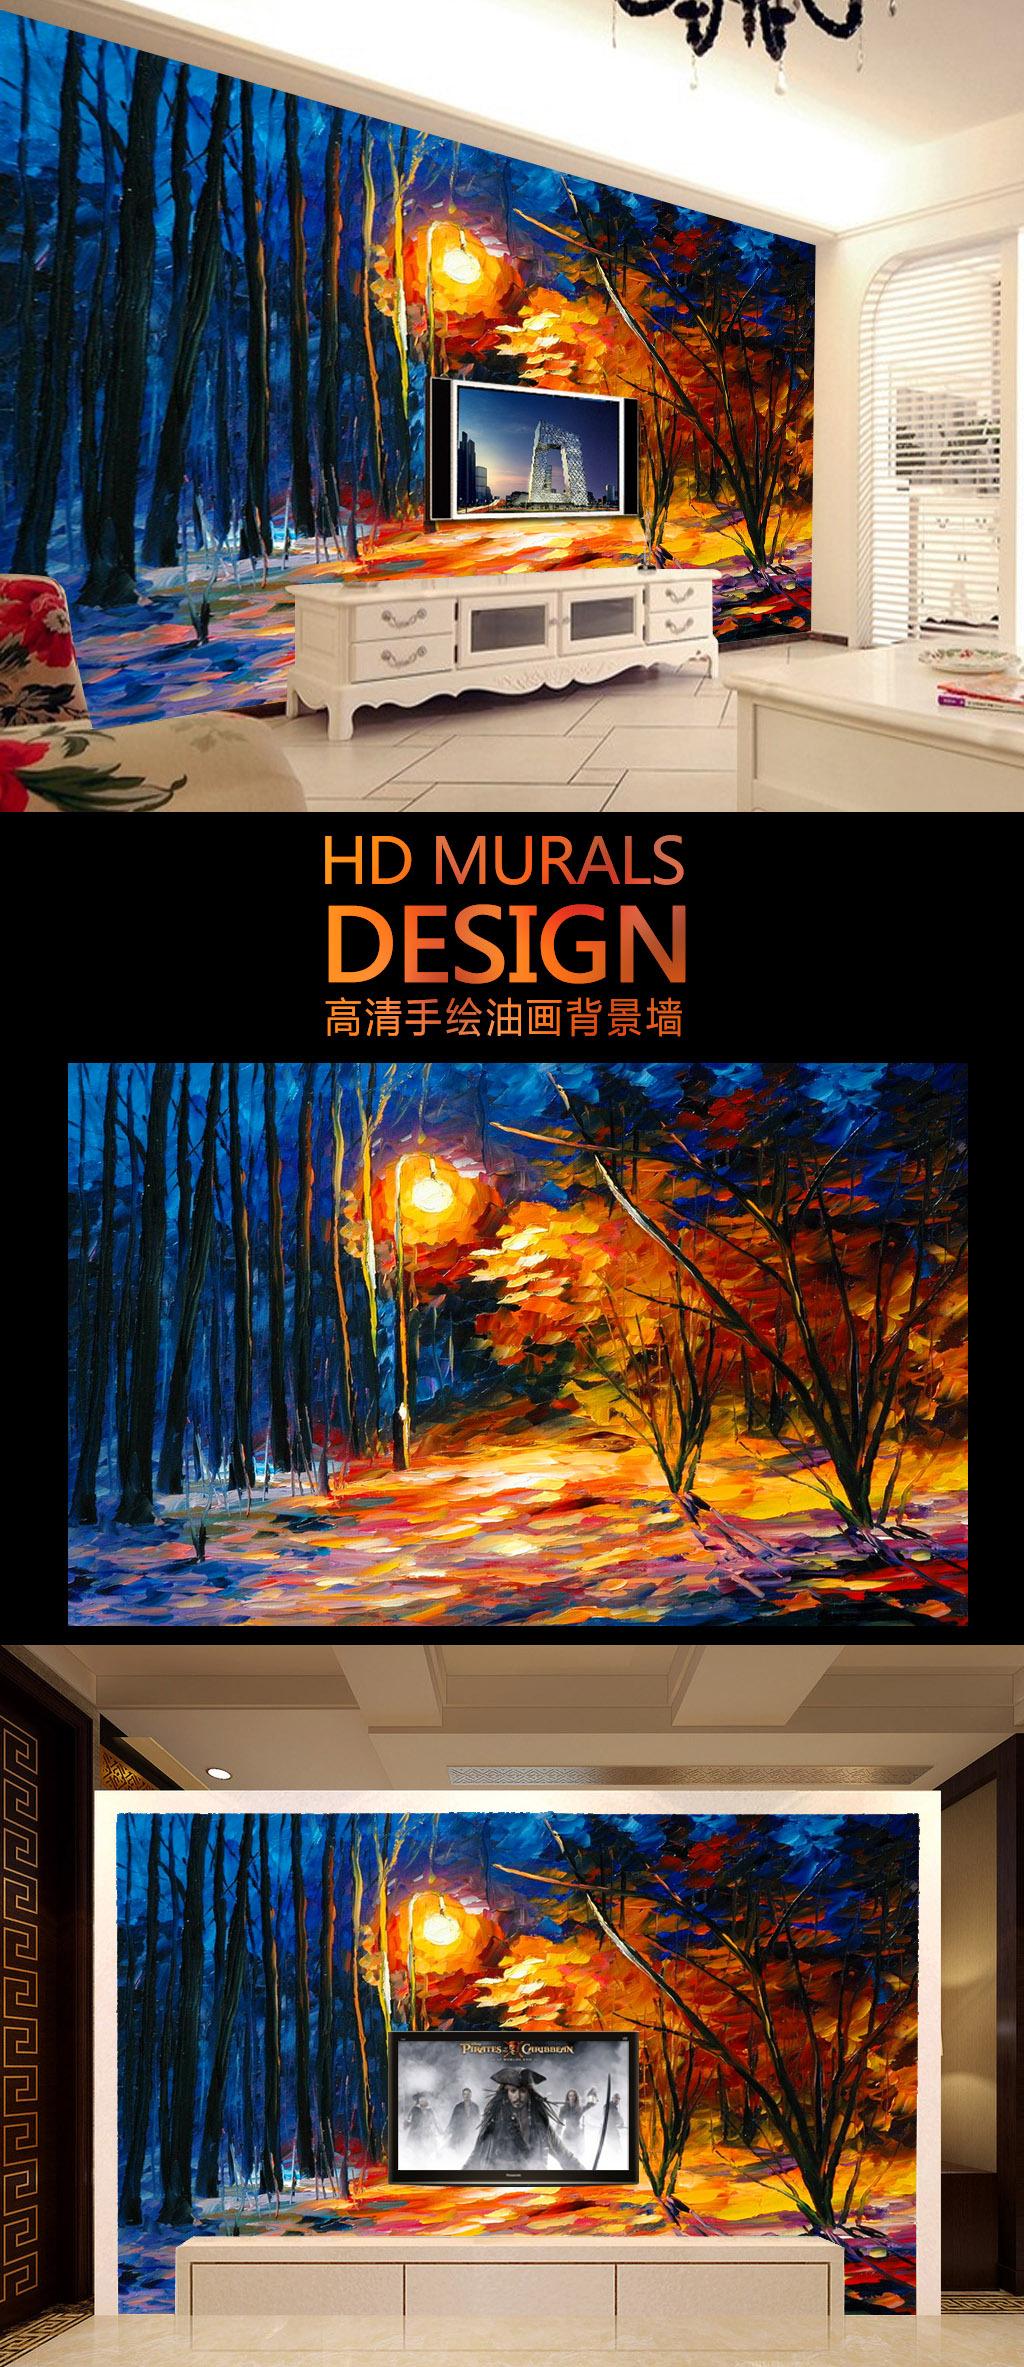 高清手绘风景画油画壁画客厅电视背景墙